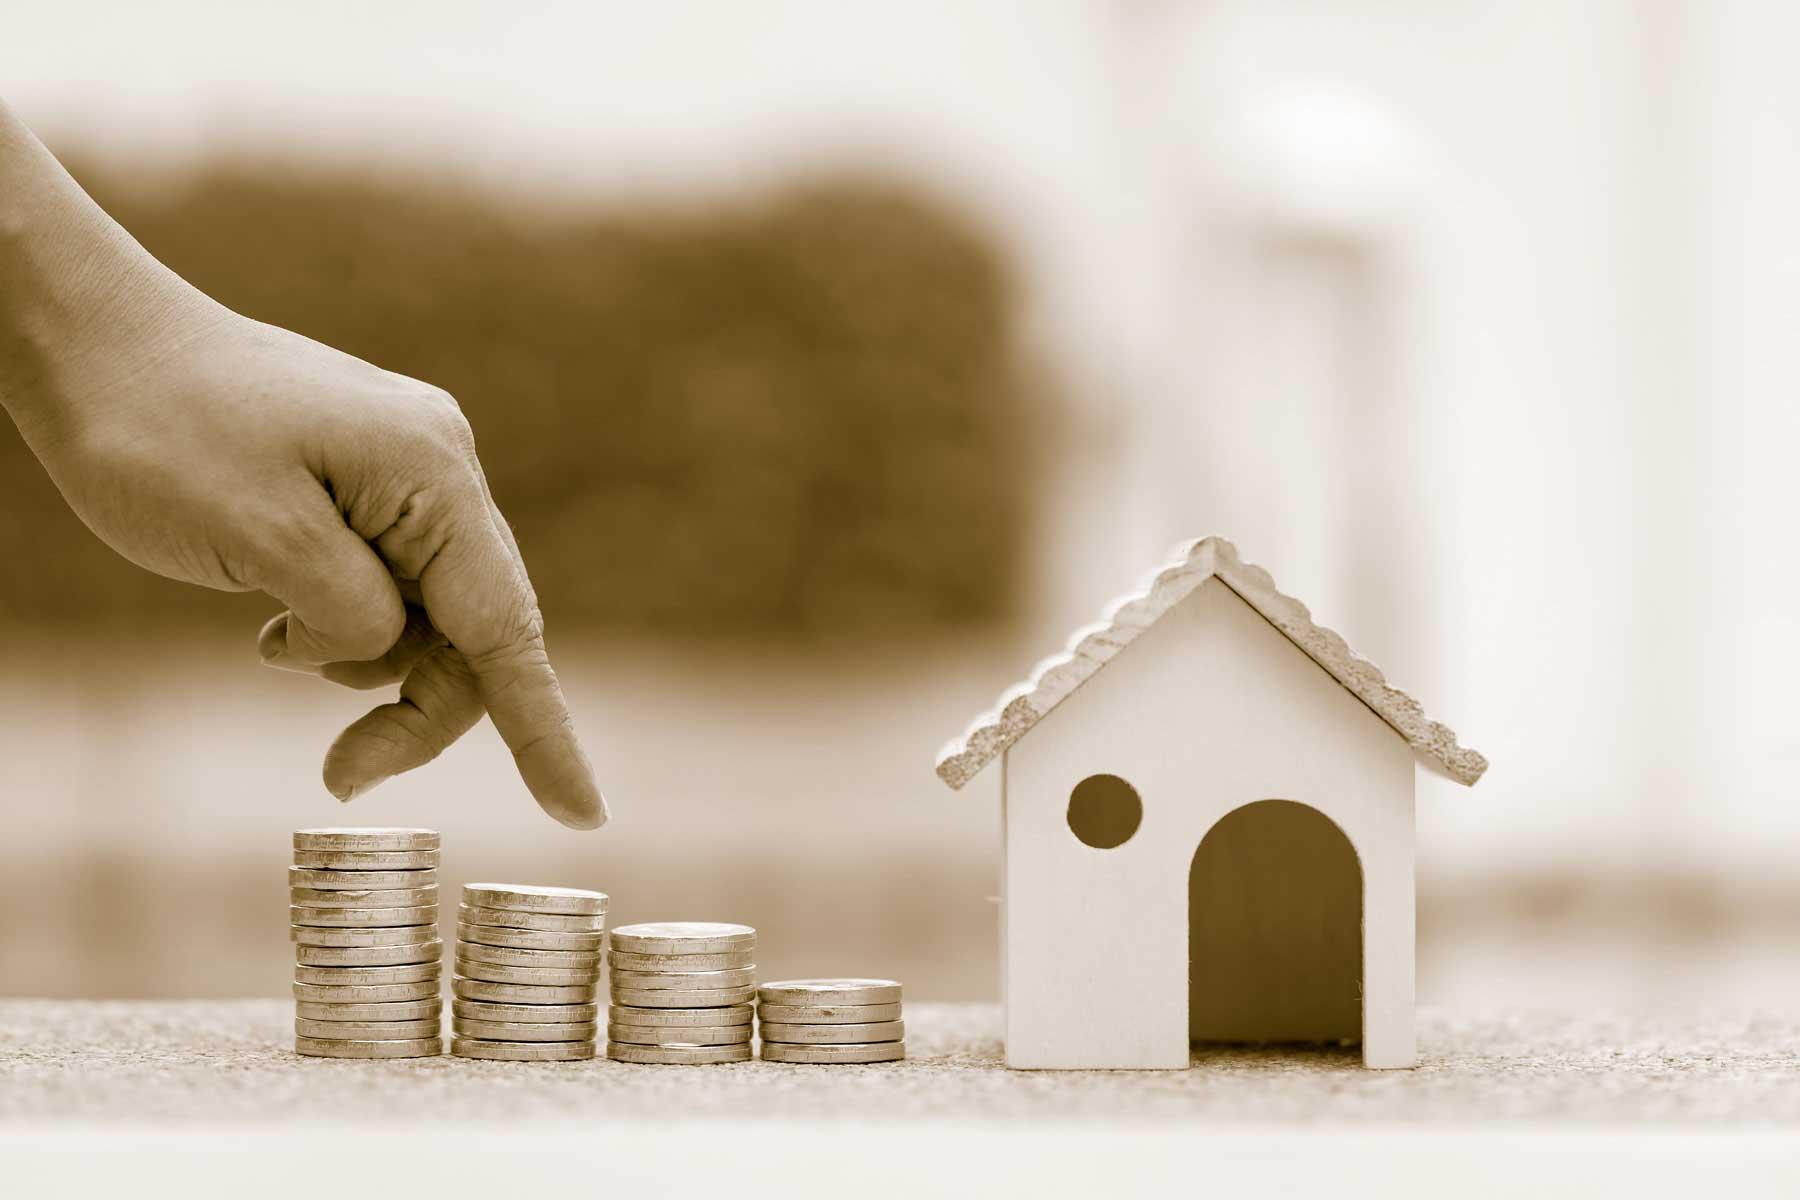 Financiële zekerheid met de best passende hypotheek voor uw nieuwe woning